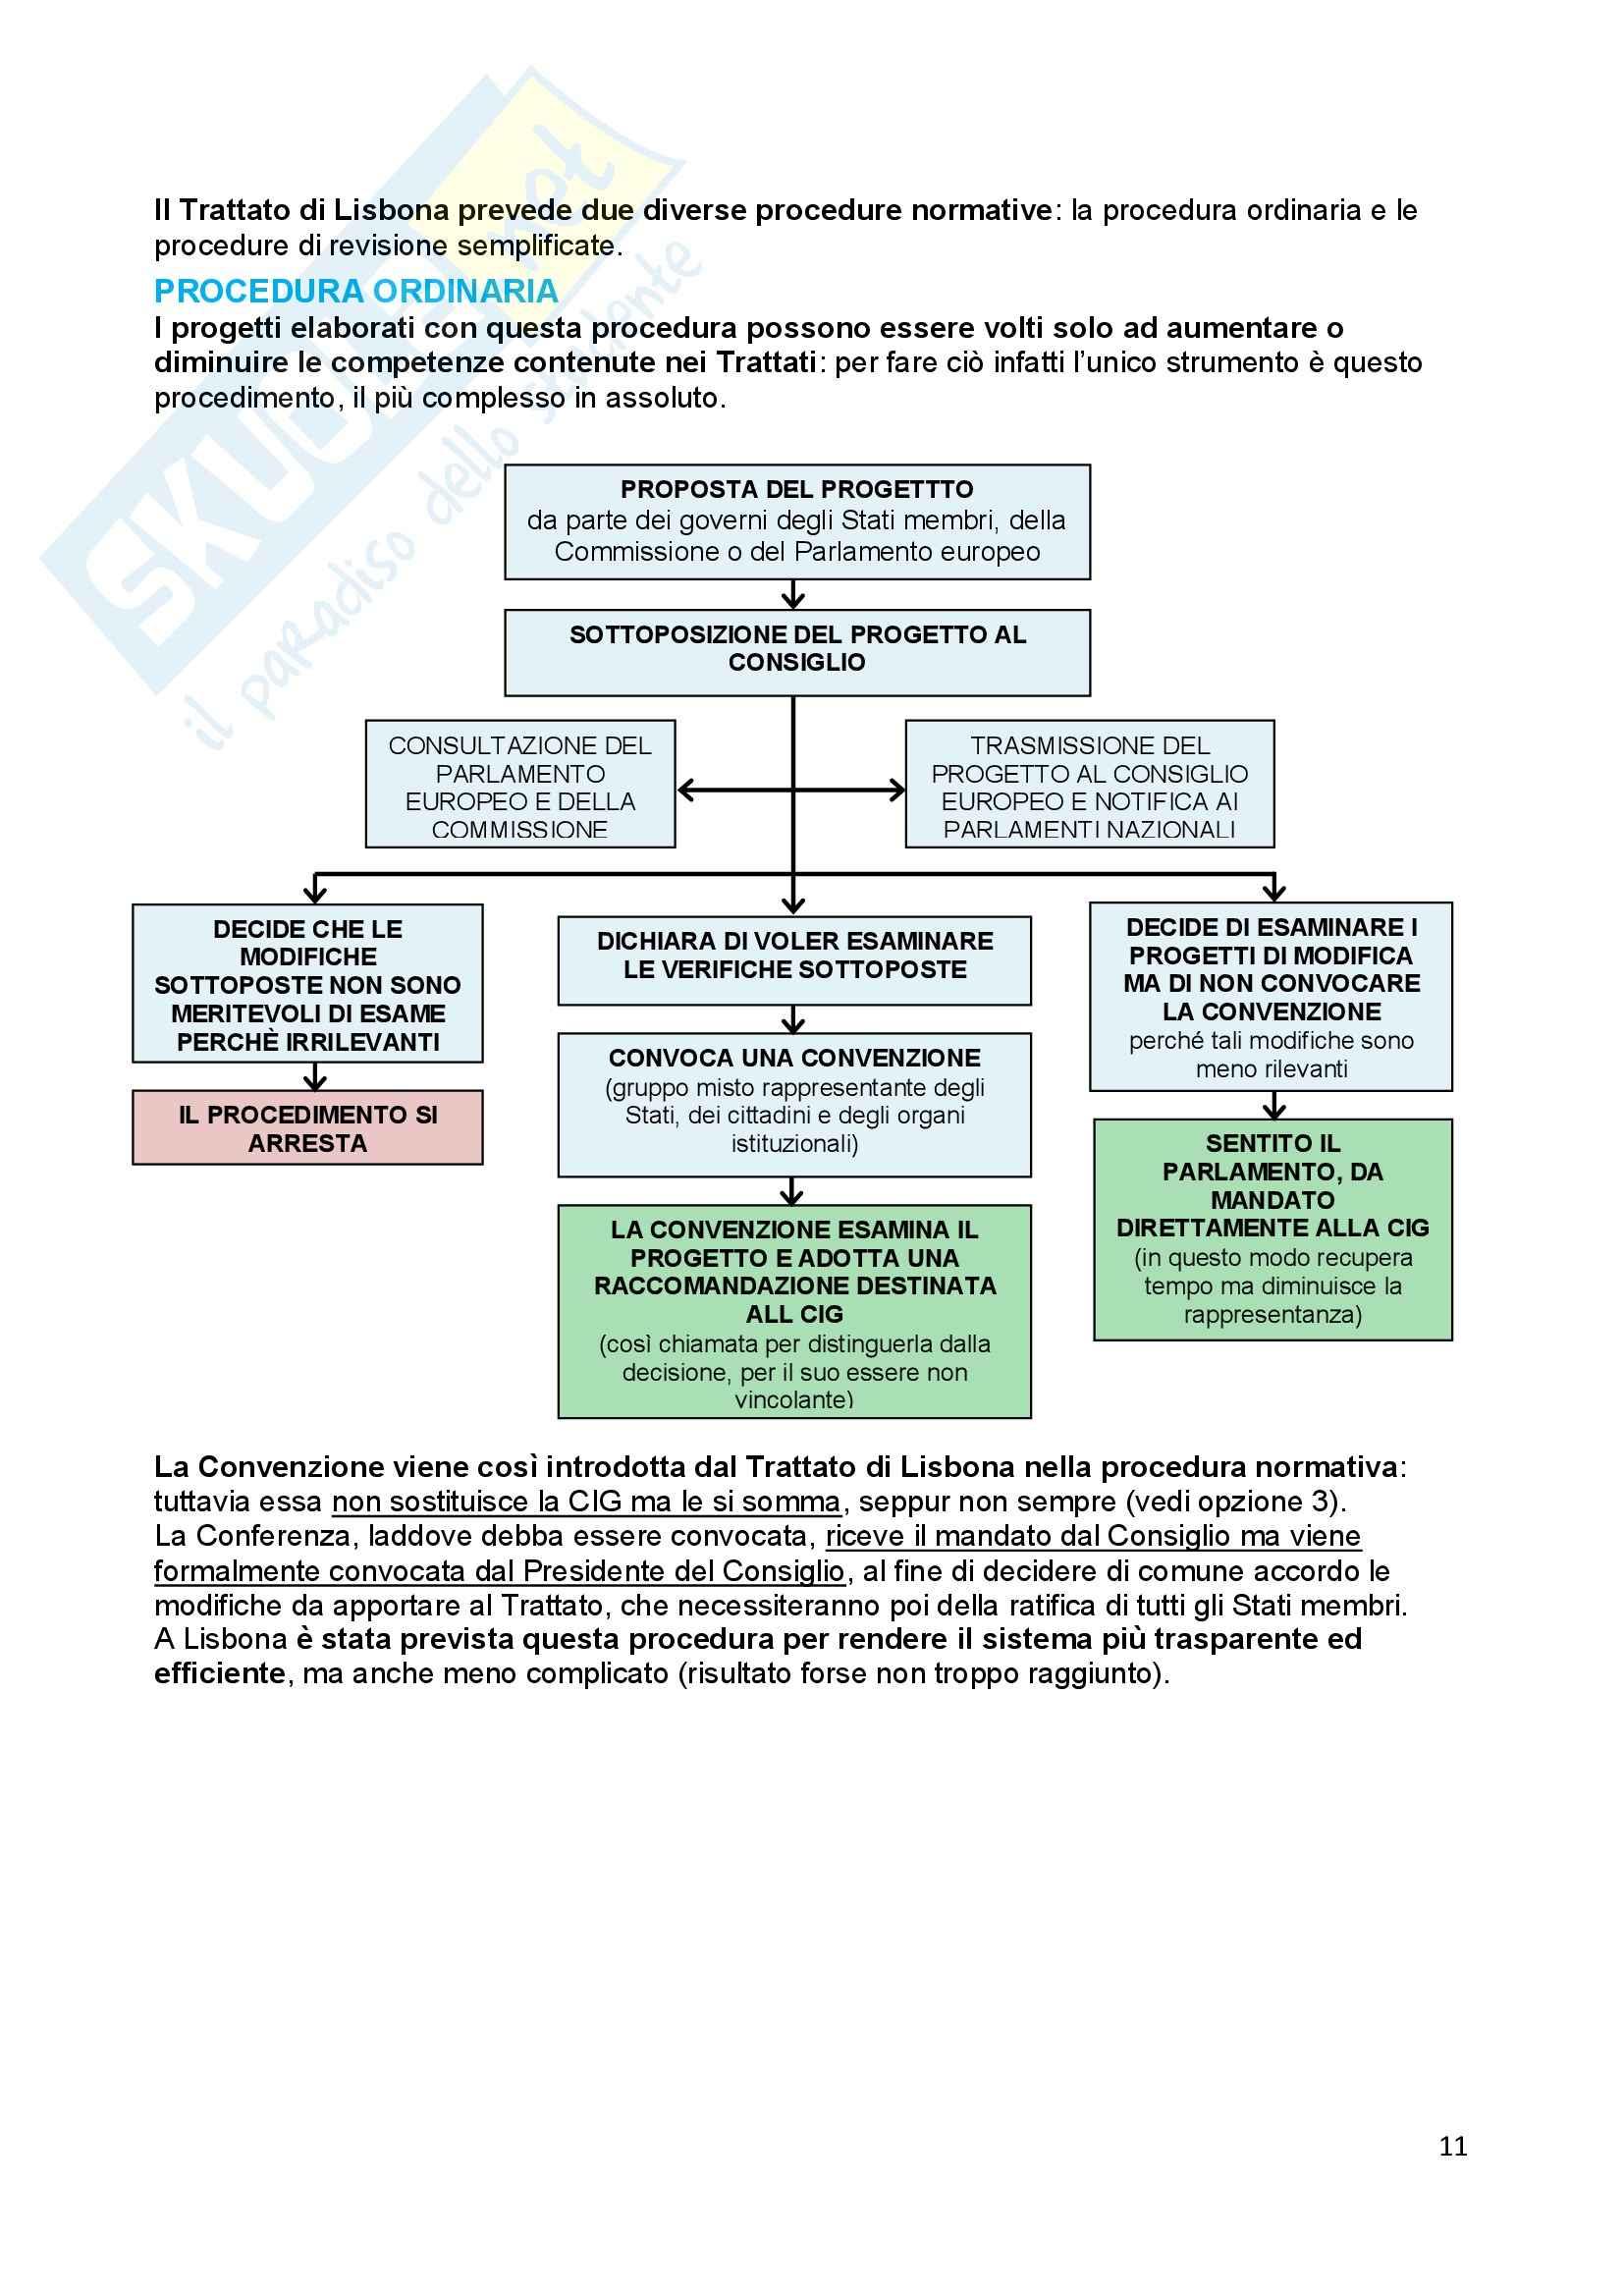 Riassunto esame Diritto dell'Unione Europea, prof. Baruffi, libro consigliato Tesauro Pag. 11